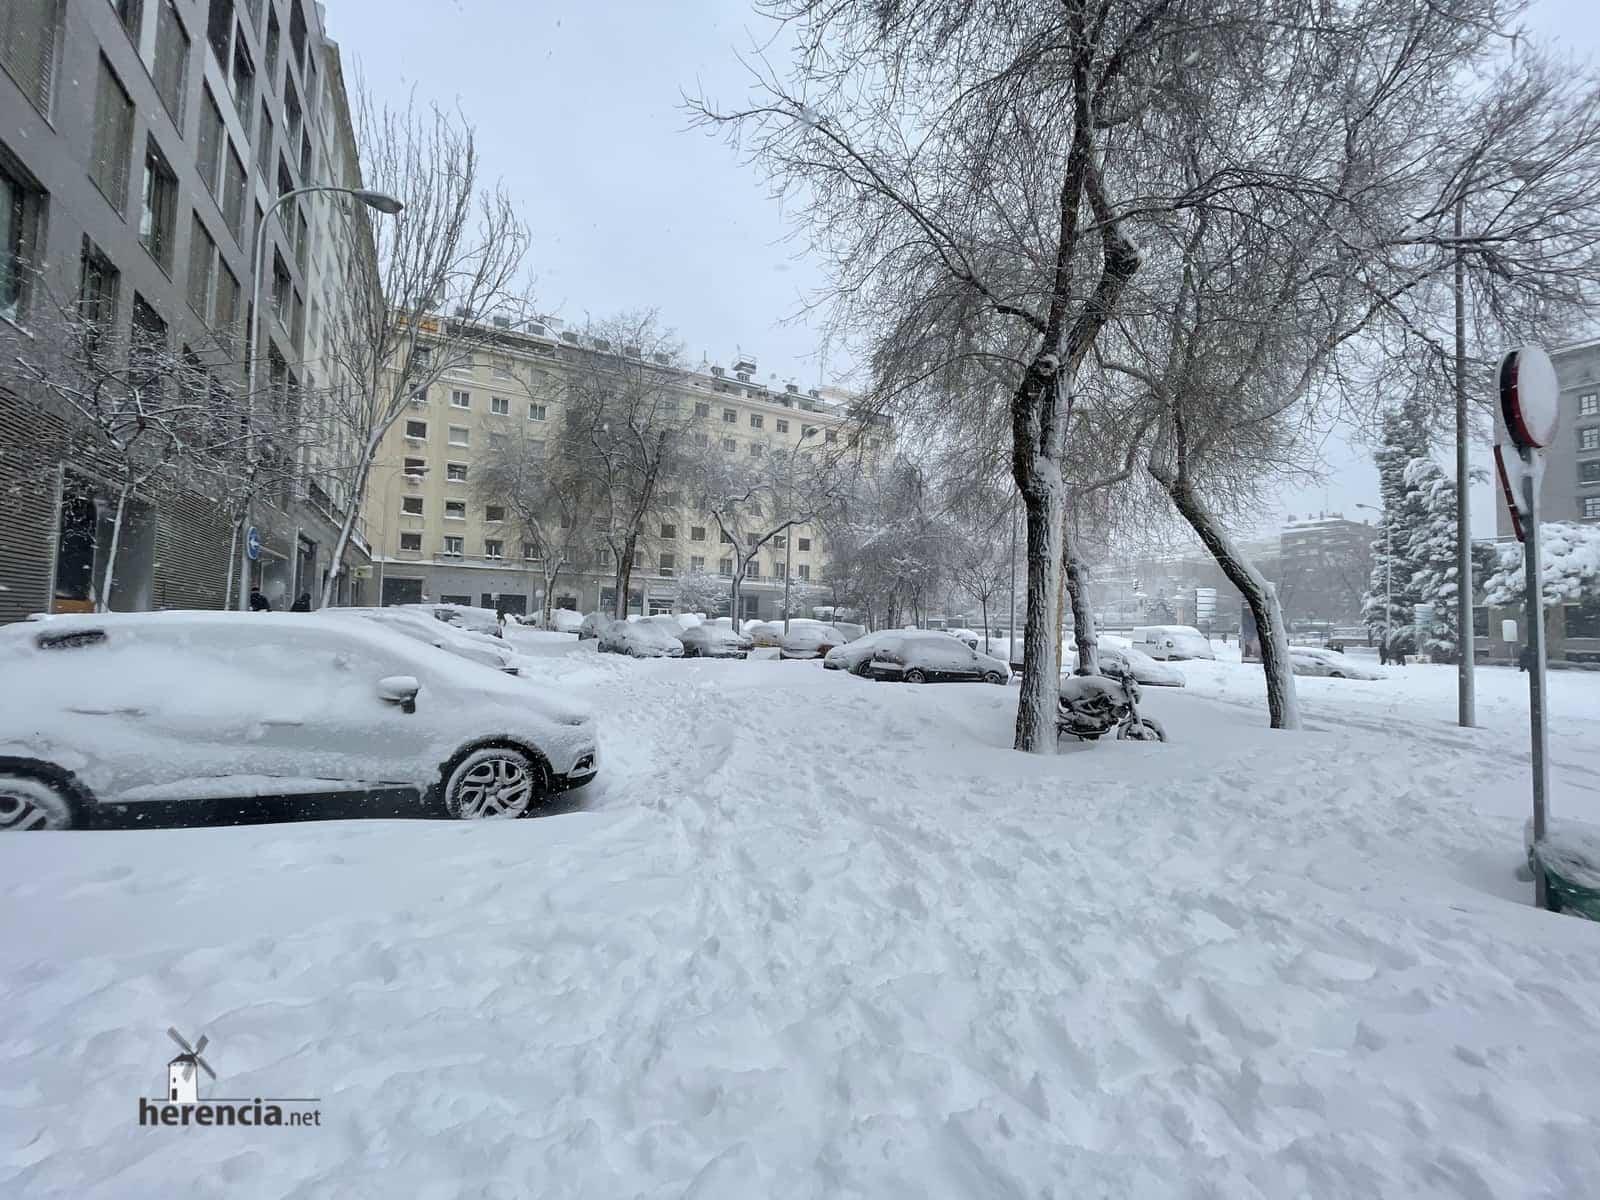 Más fotografías de las nieves de 2021 en Herencia 150